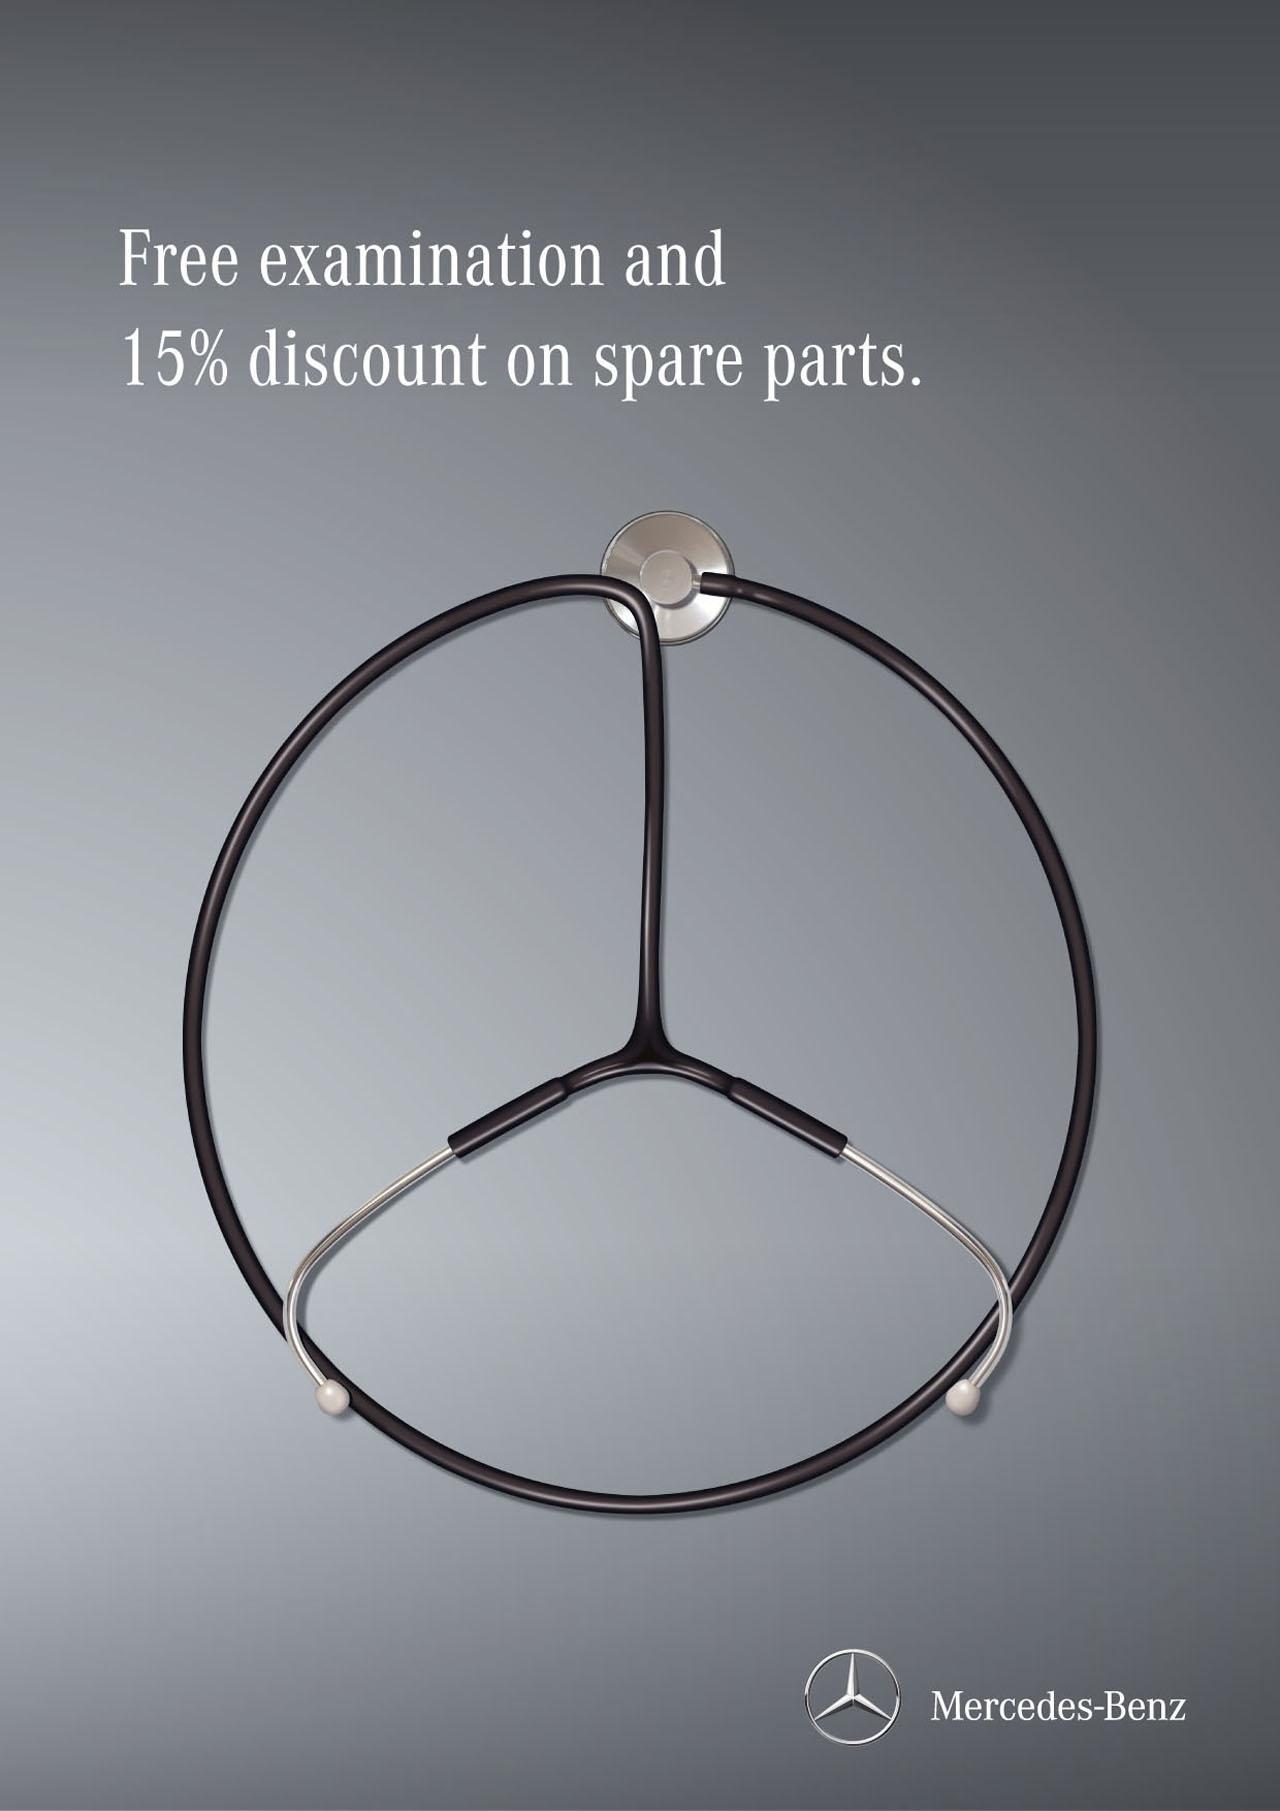 Print Ad MercedesBenz Service - Mercedes benz service and parts